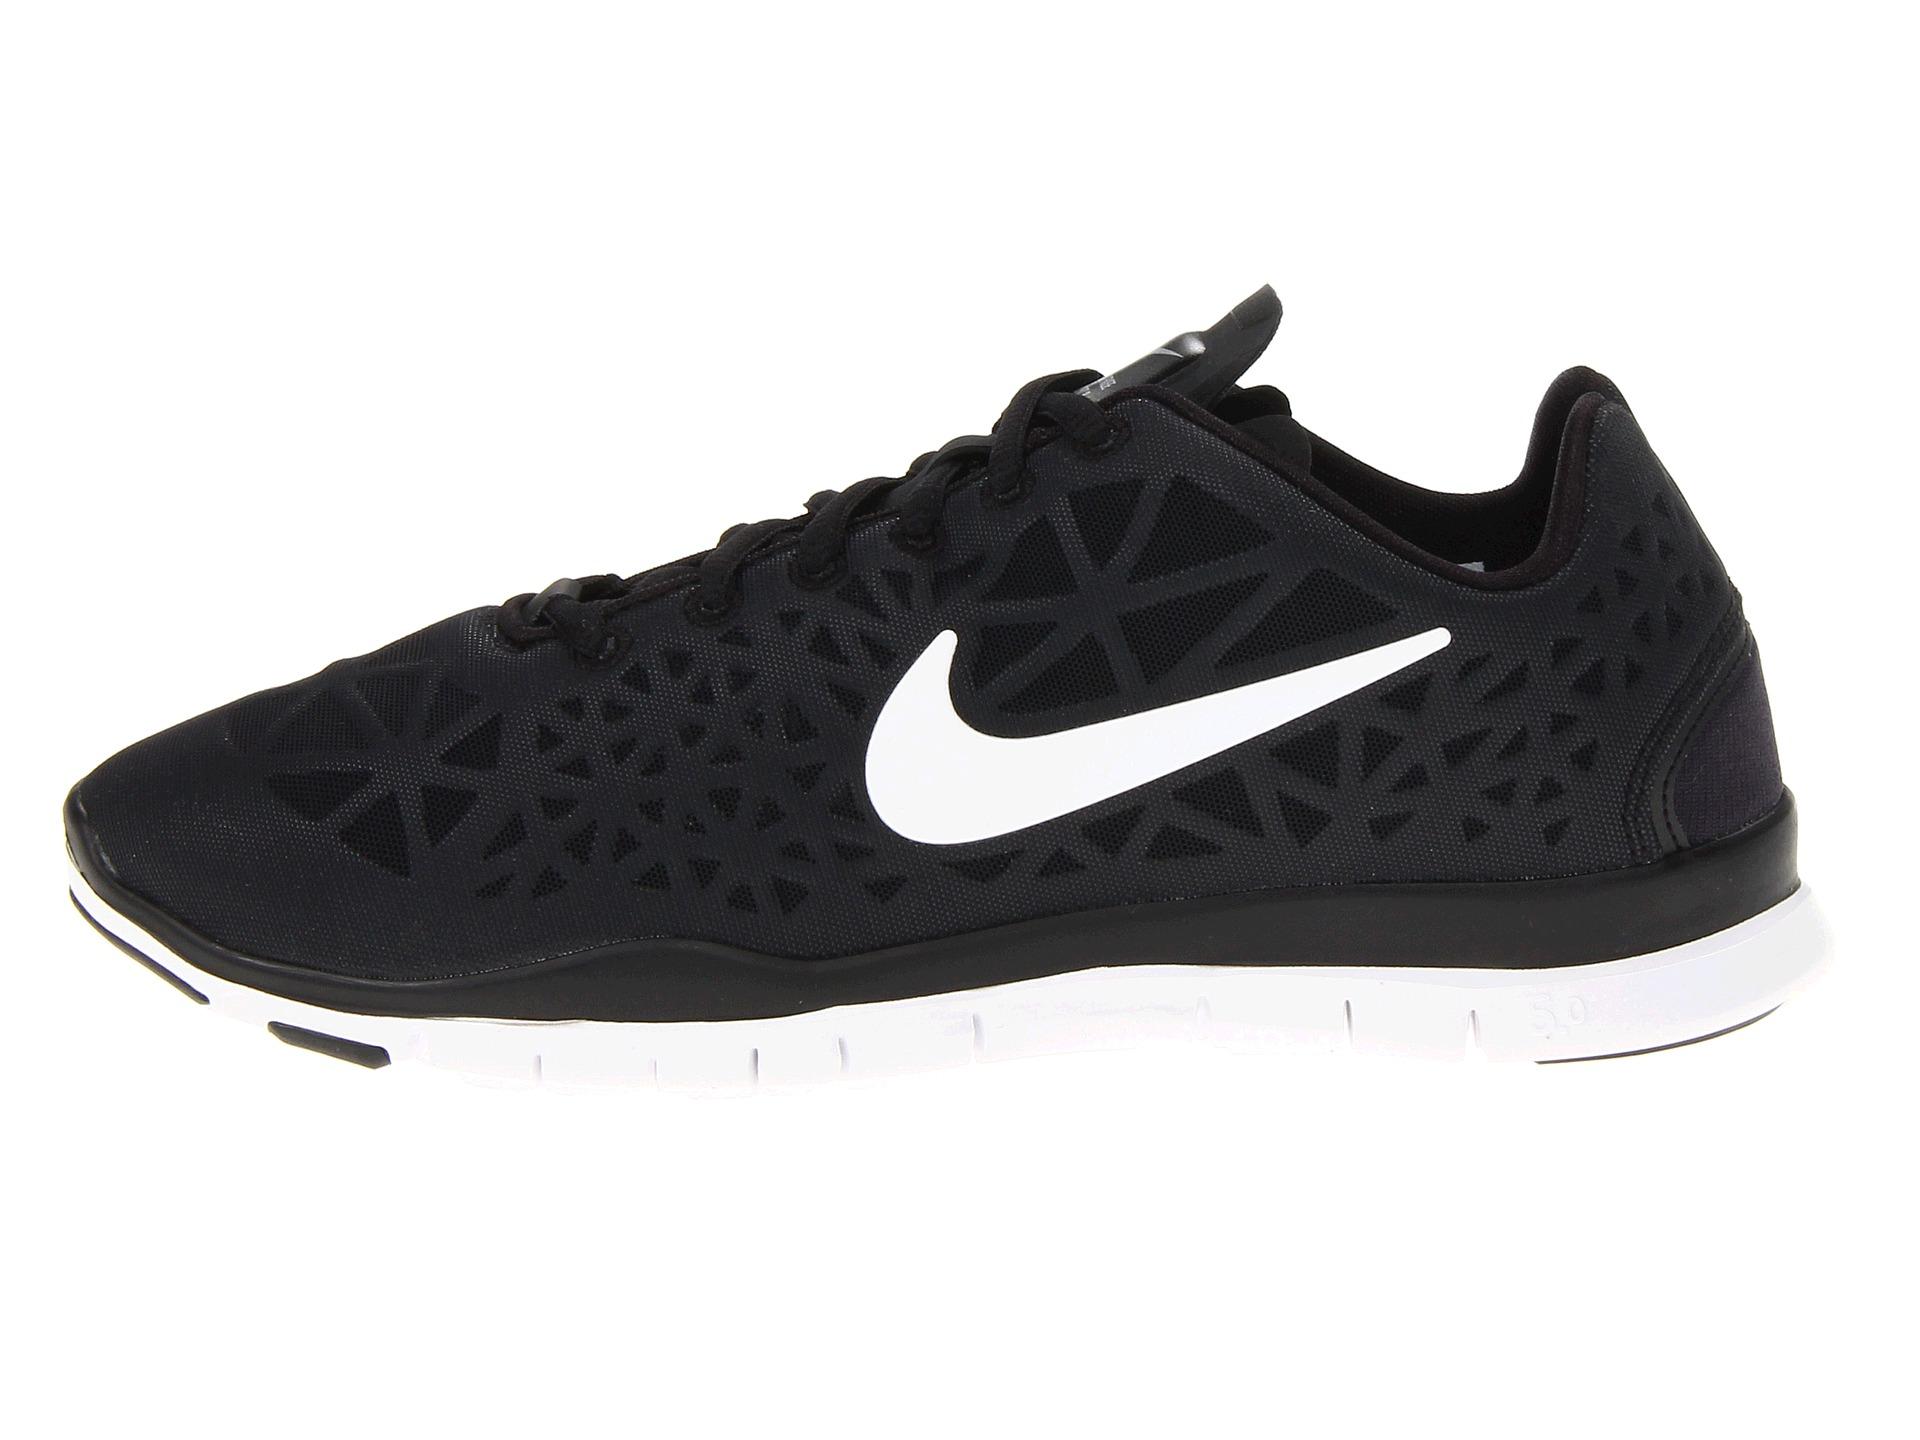 388251dbc10b Nike Free 5.0 Tr Fit 4 Youtube Kd Shoes